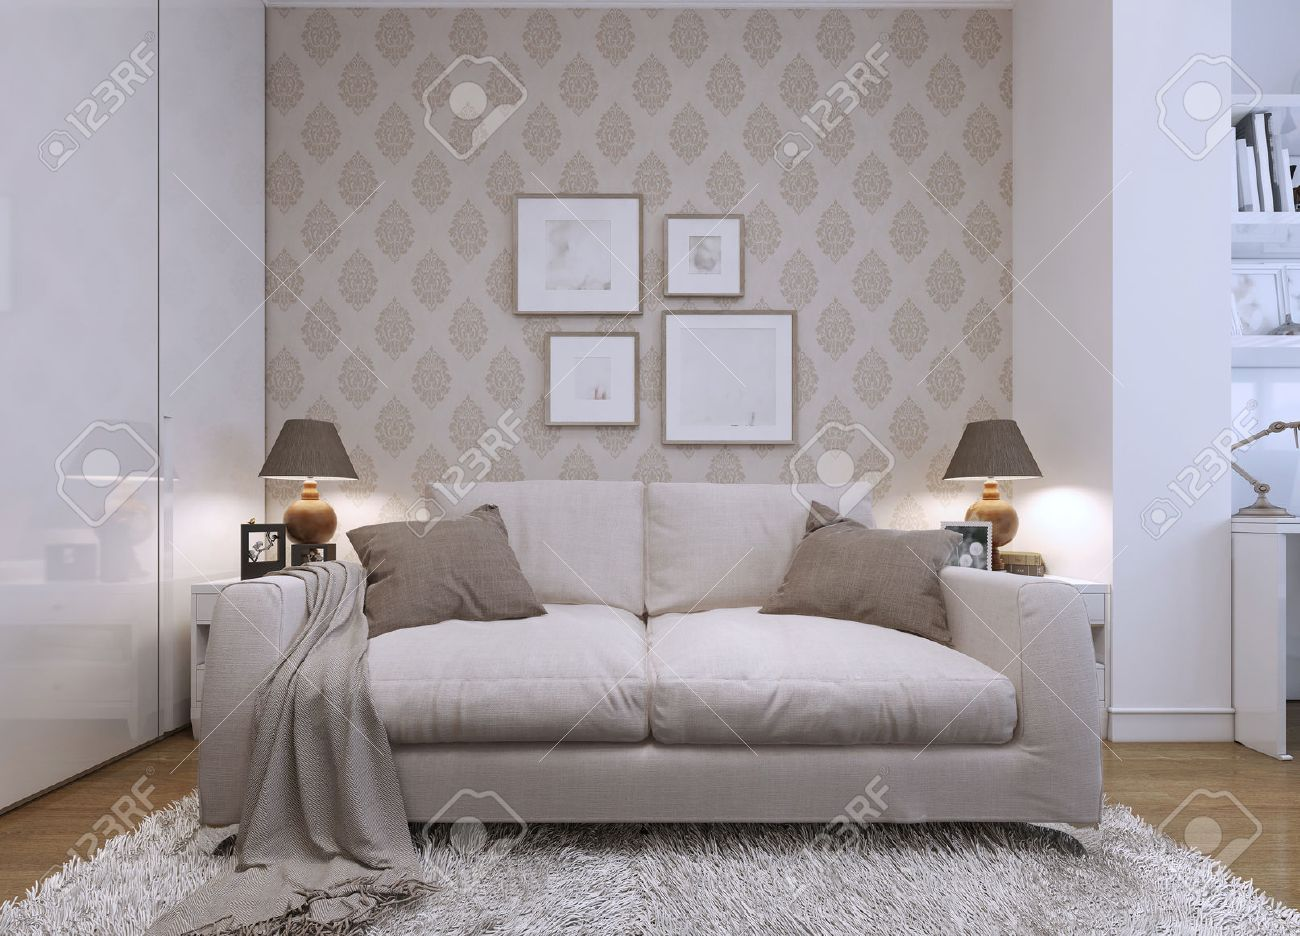 Parfait Banque Du0027images   Canapé Beige Dans Le Salon Dans Un Style Moderne. Papier  Peint Sur Les Murs Avec Un Motif. Lu0027?uvre Du0027art Sur Le Mur. Rendu 3D.